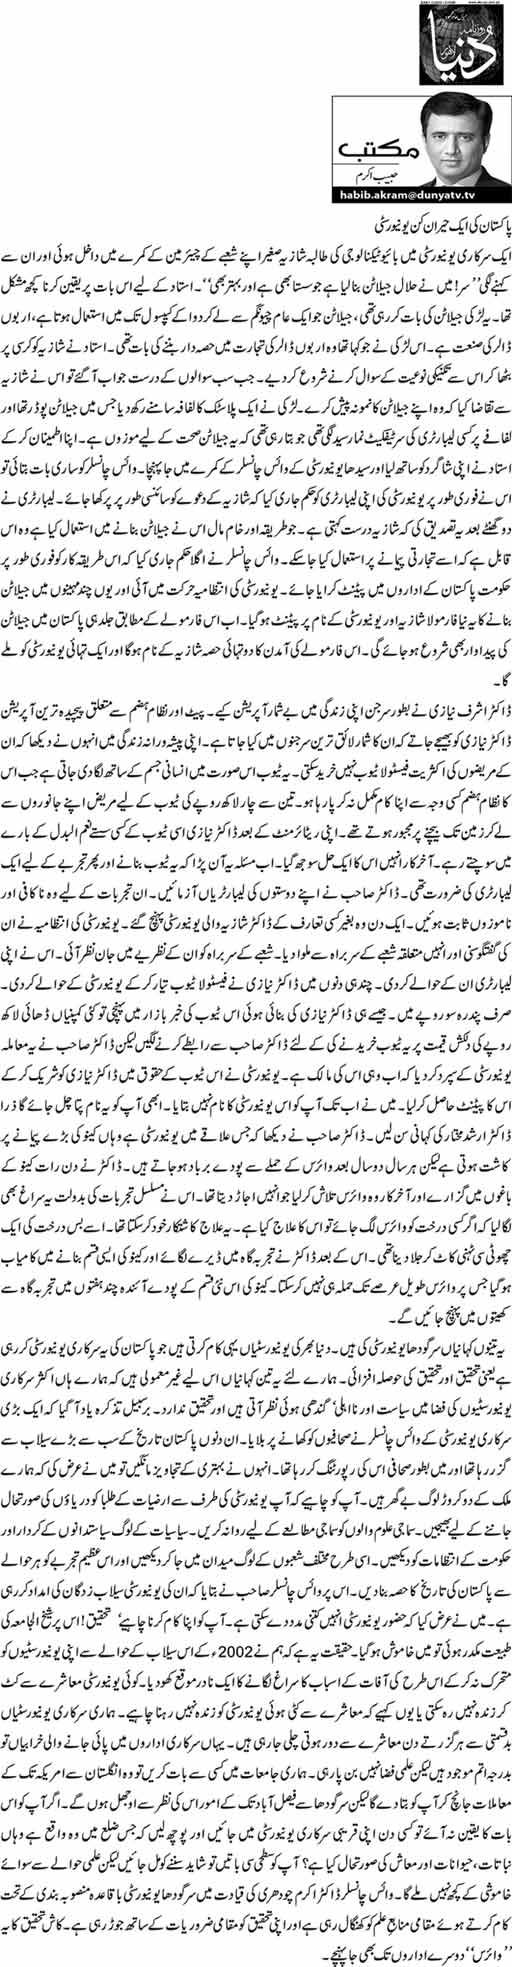 Pakistan ki aik hairankun univerisity - Habib Akram